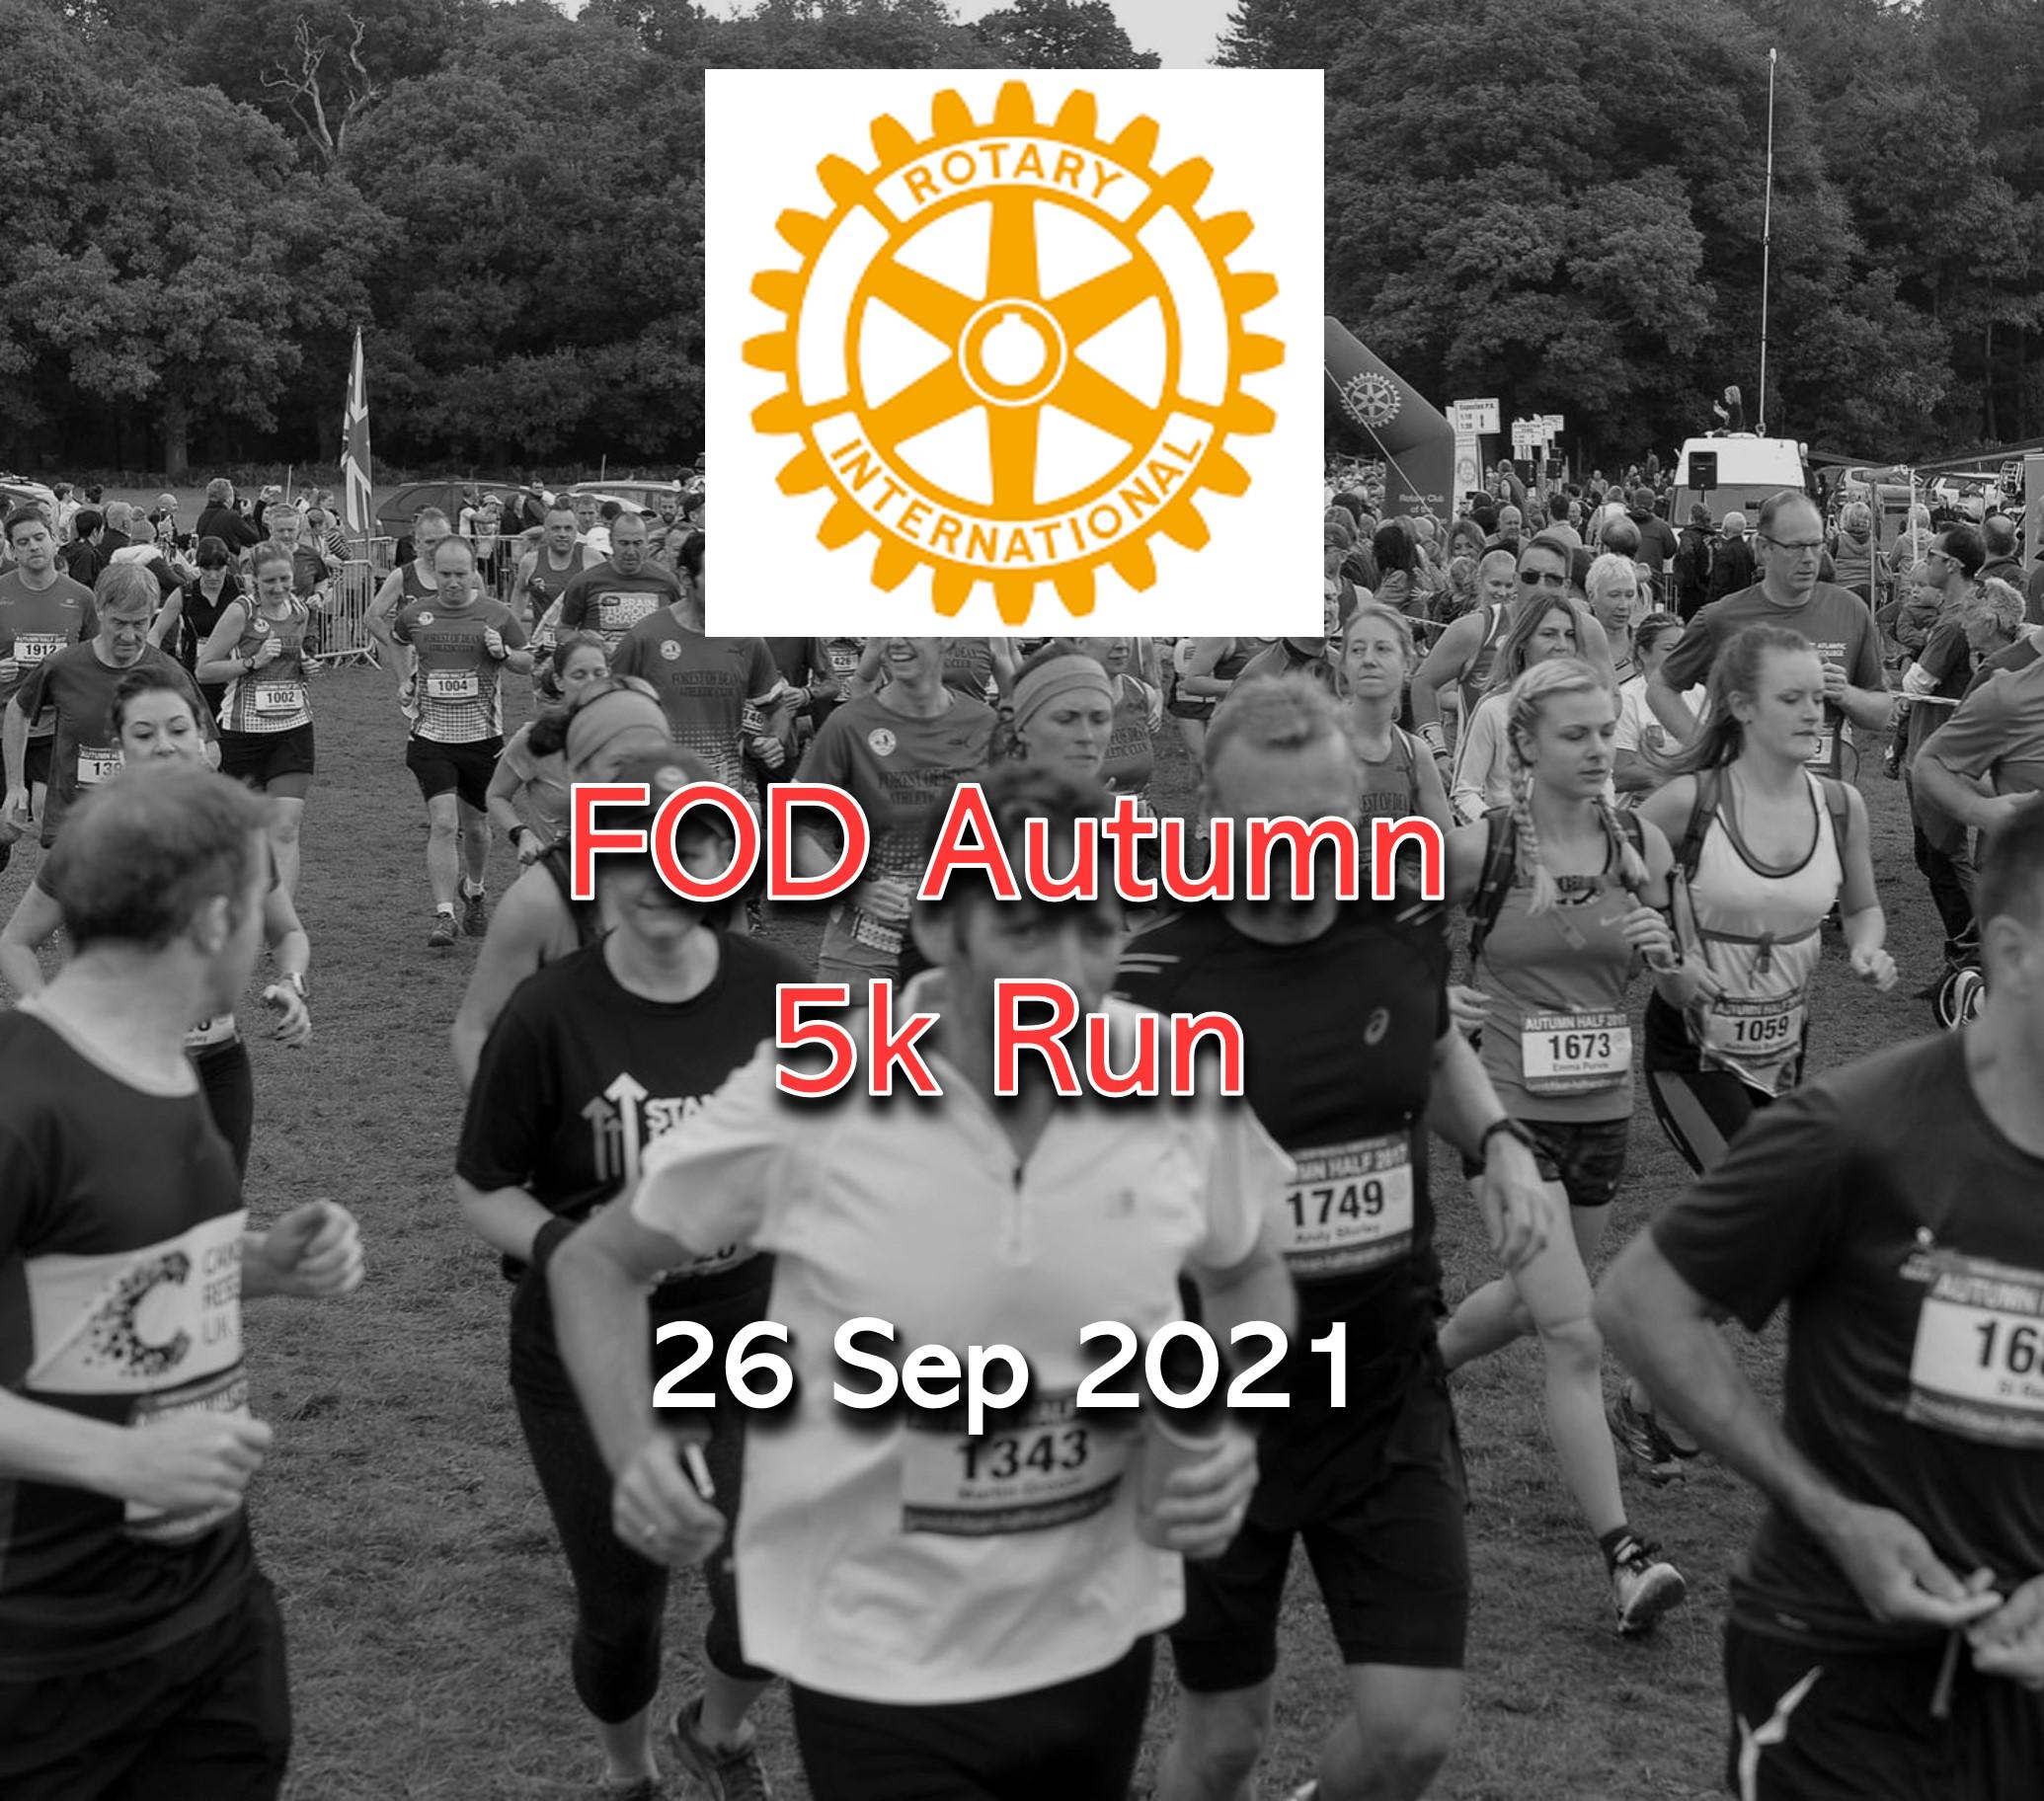 FOD Autumn 5k Run